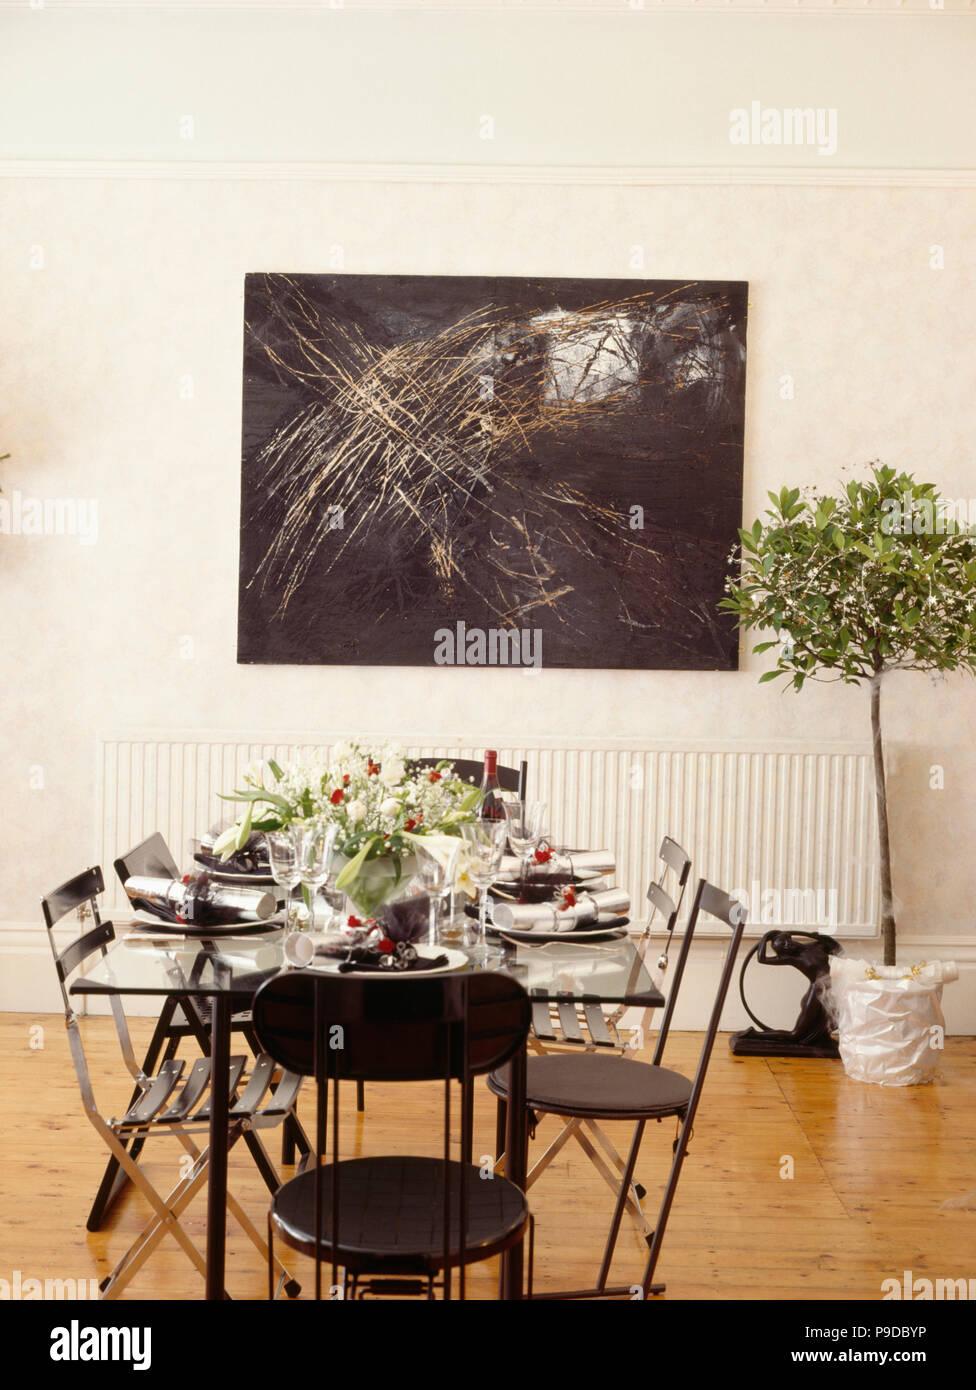 Chaises Et Table En Verre Noir Fixé Pour Le Dîner De Noël Dans La Salle à  Manger Moderne Blanc Avec La Peinture Abstraite, Au Dessus De Bay Tree En  Pot ...